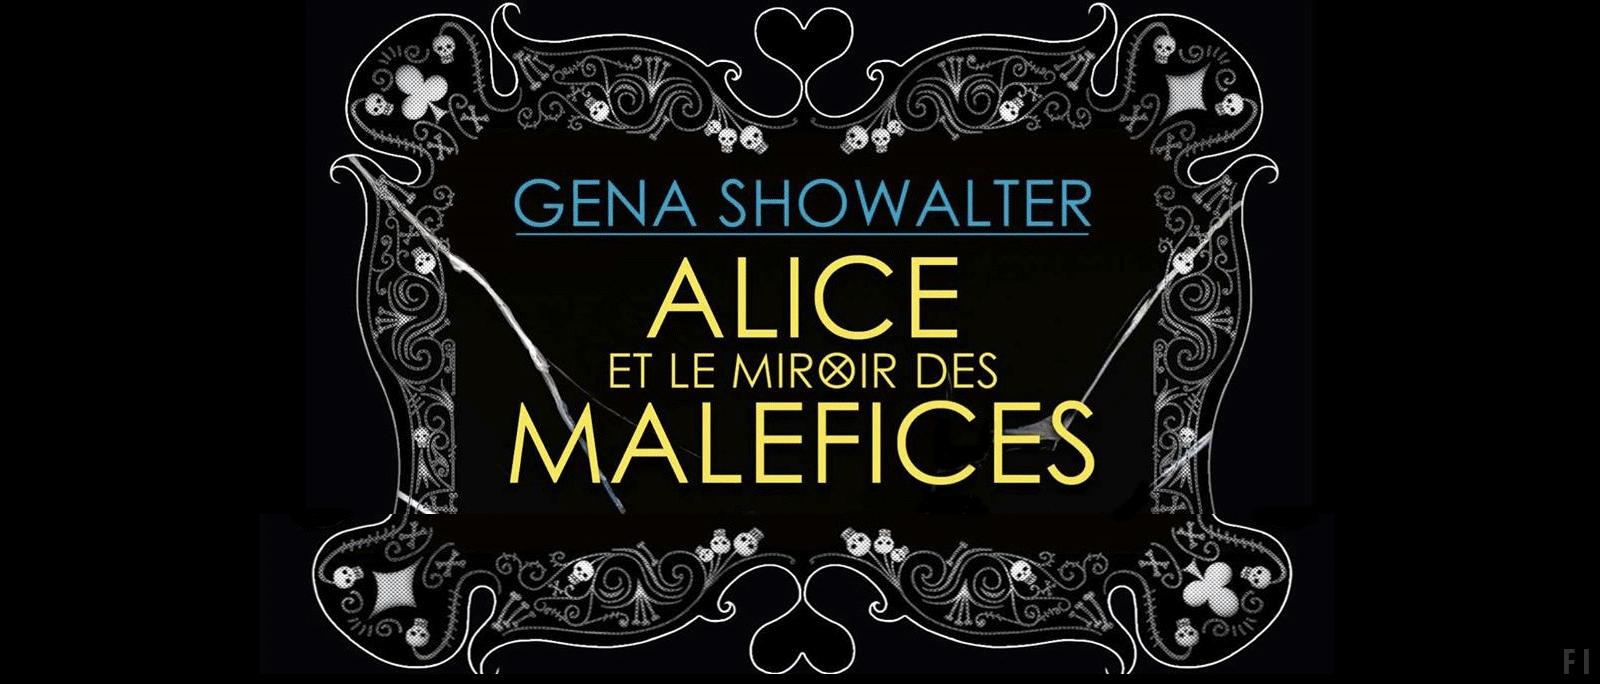 Alice et le miroir des mal fices de gena showalter les for Balthus alice dans le miroir